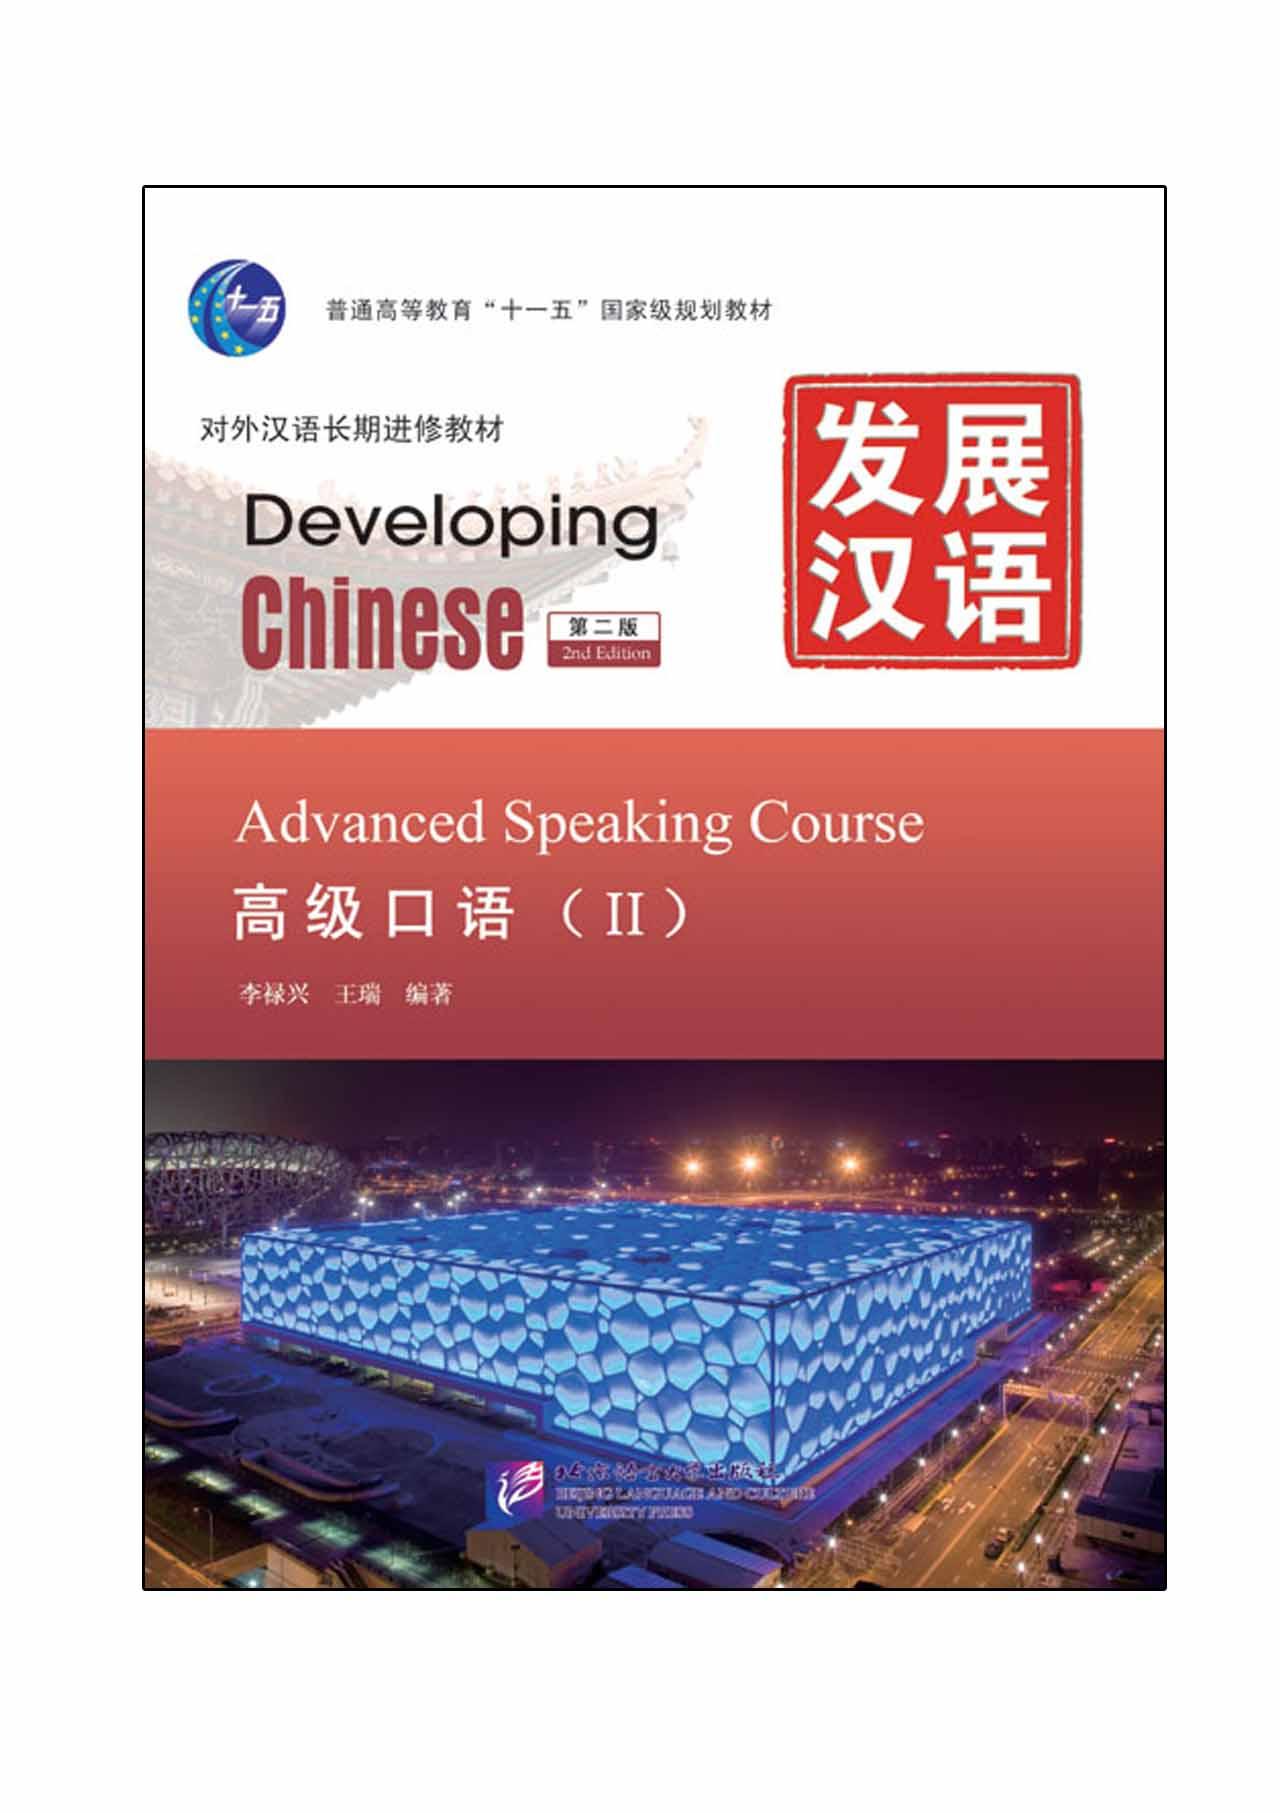 发展汉语(第2版)高级口语(Ⅱ)(含1MP3)Developing Chinese (2nd Edition) Advanced Speaking Course II+MP3